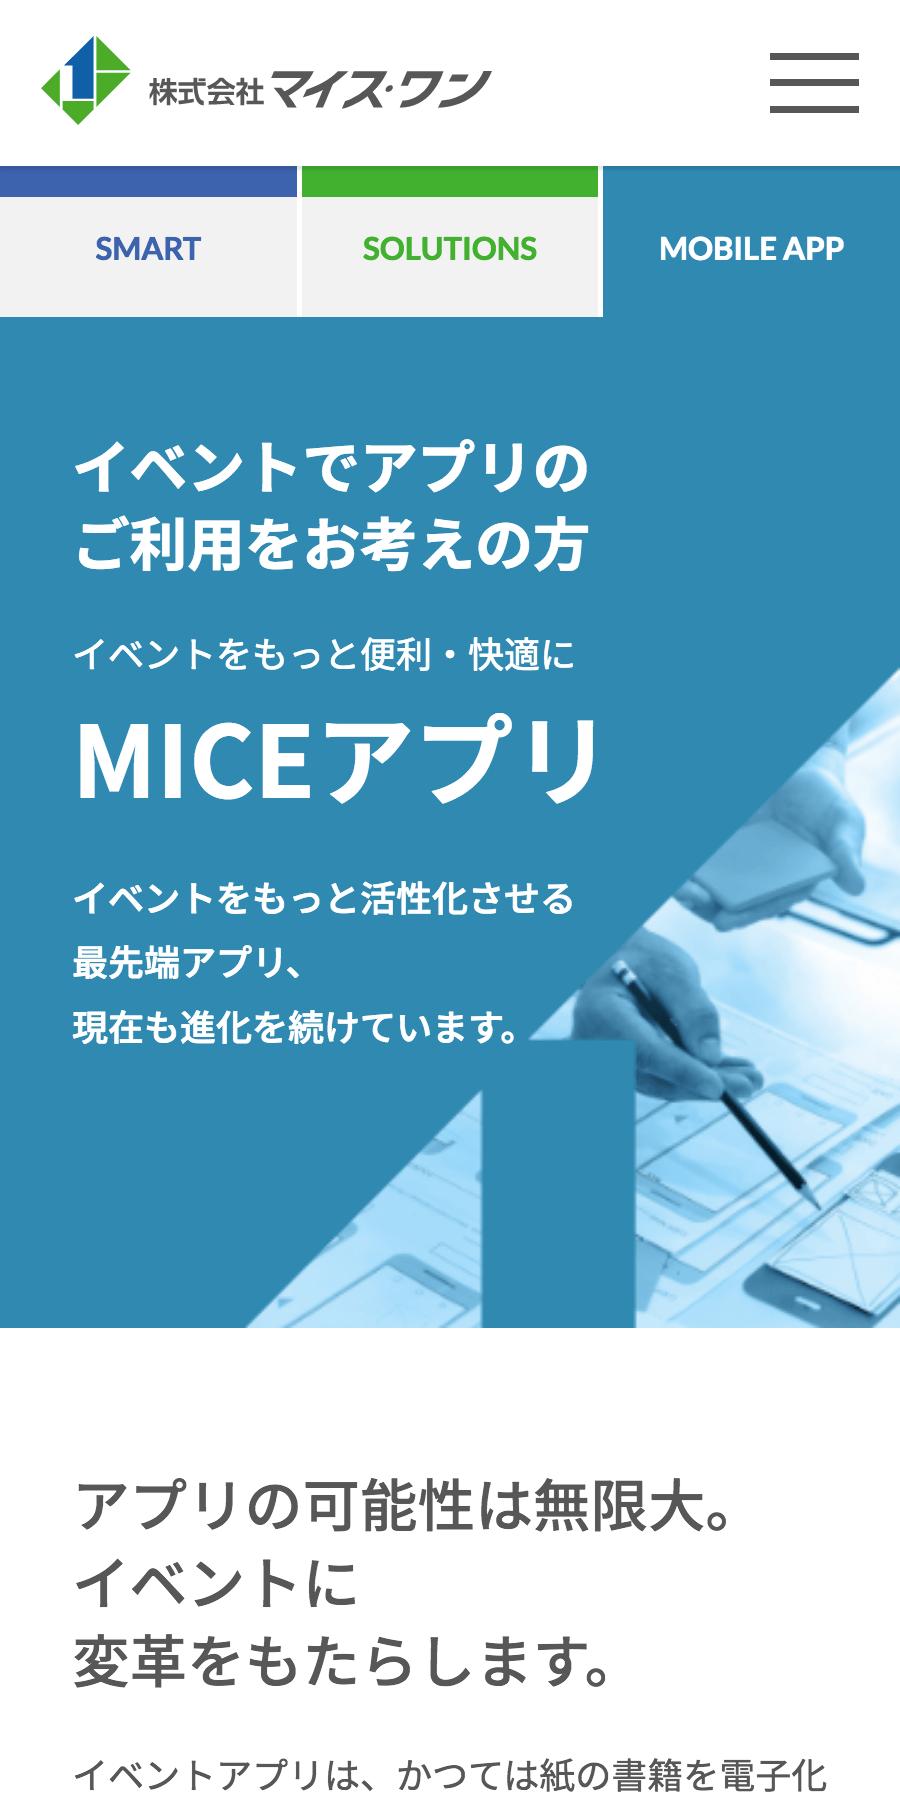 株式会社マイス・ワン様|コーポレートサイト/SP版「アプリ」ページ